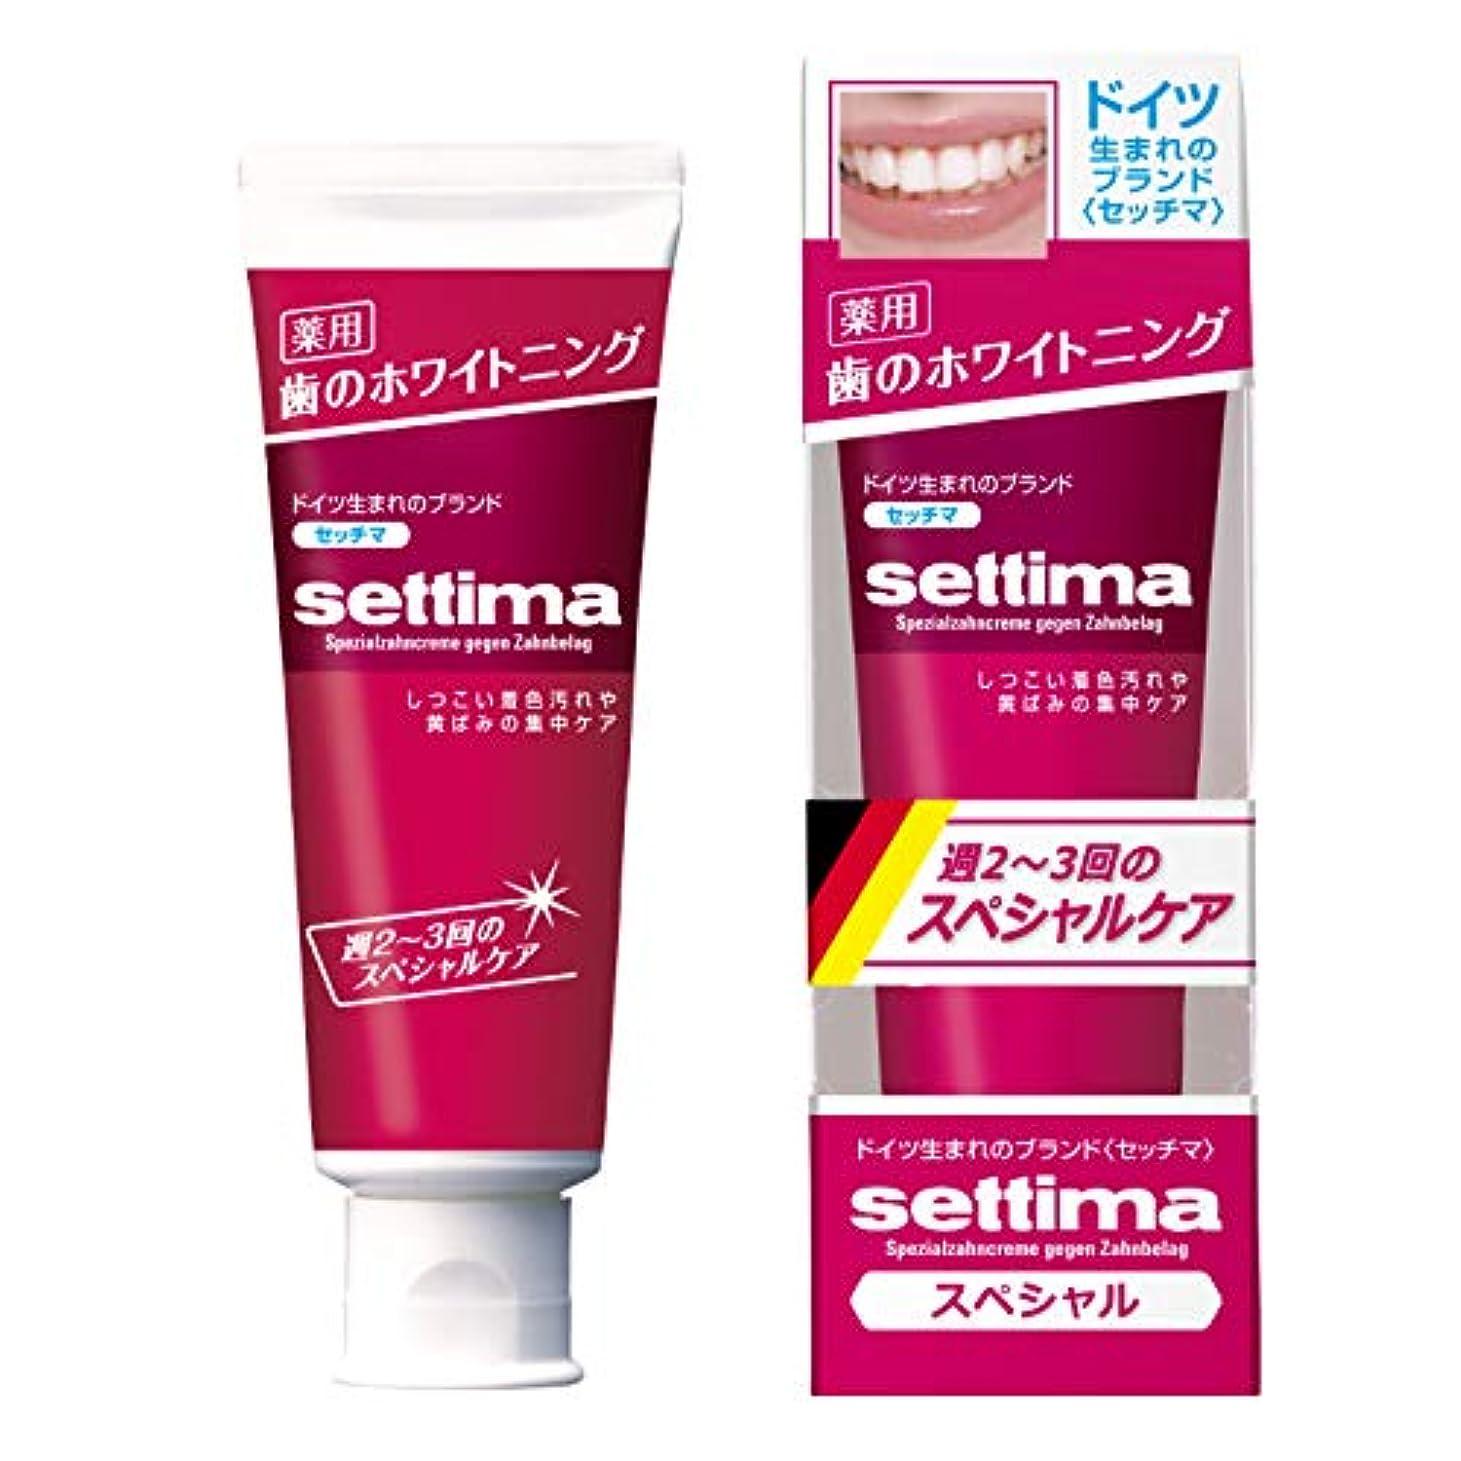 車突然タービン[医薬部外品] settima(セッチマ) ホワイトニング 歯みがき スペシャルケア [ペパーミントタイプ] <ステインケア タバコのヤニ取り フッ素配合 虫歯予防> 80g